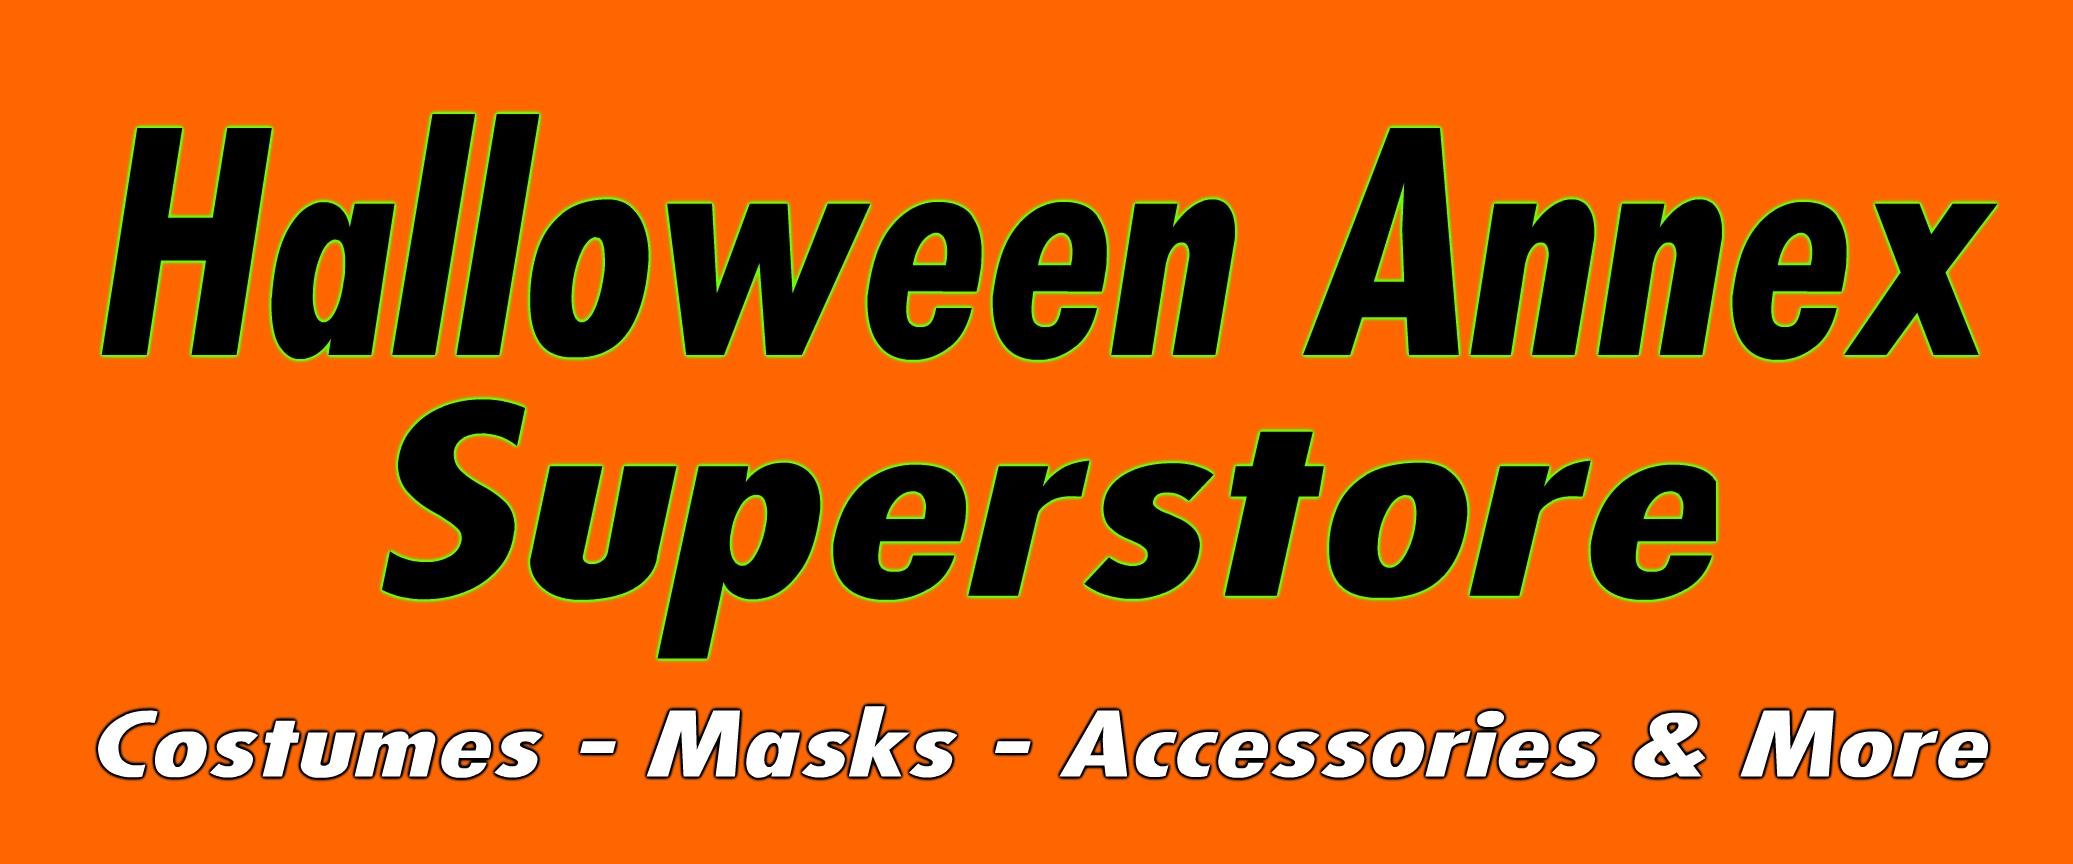 halloween-annex-banner-bag-2-.jpg